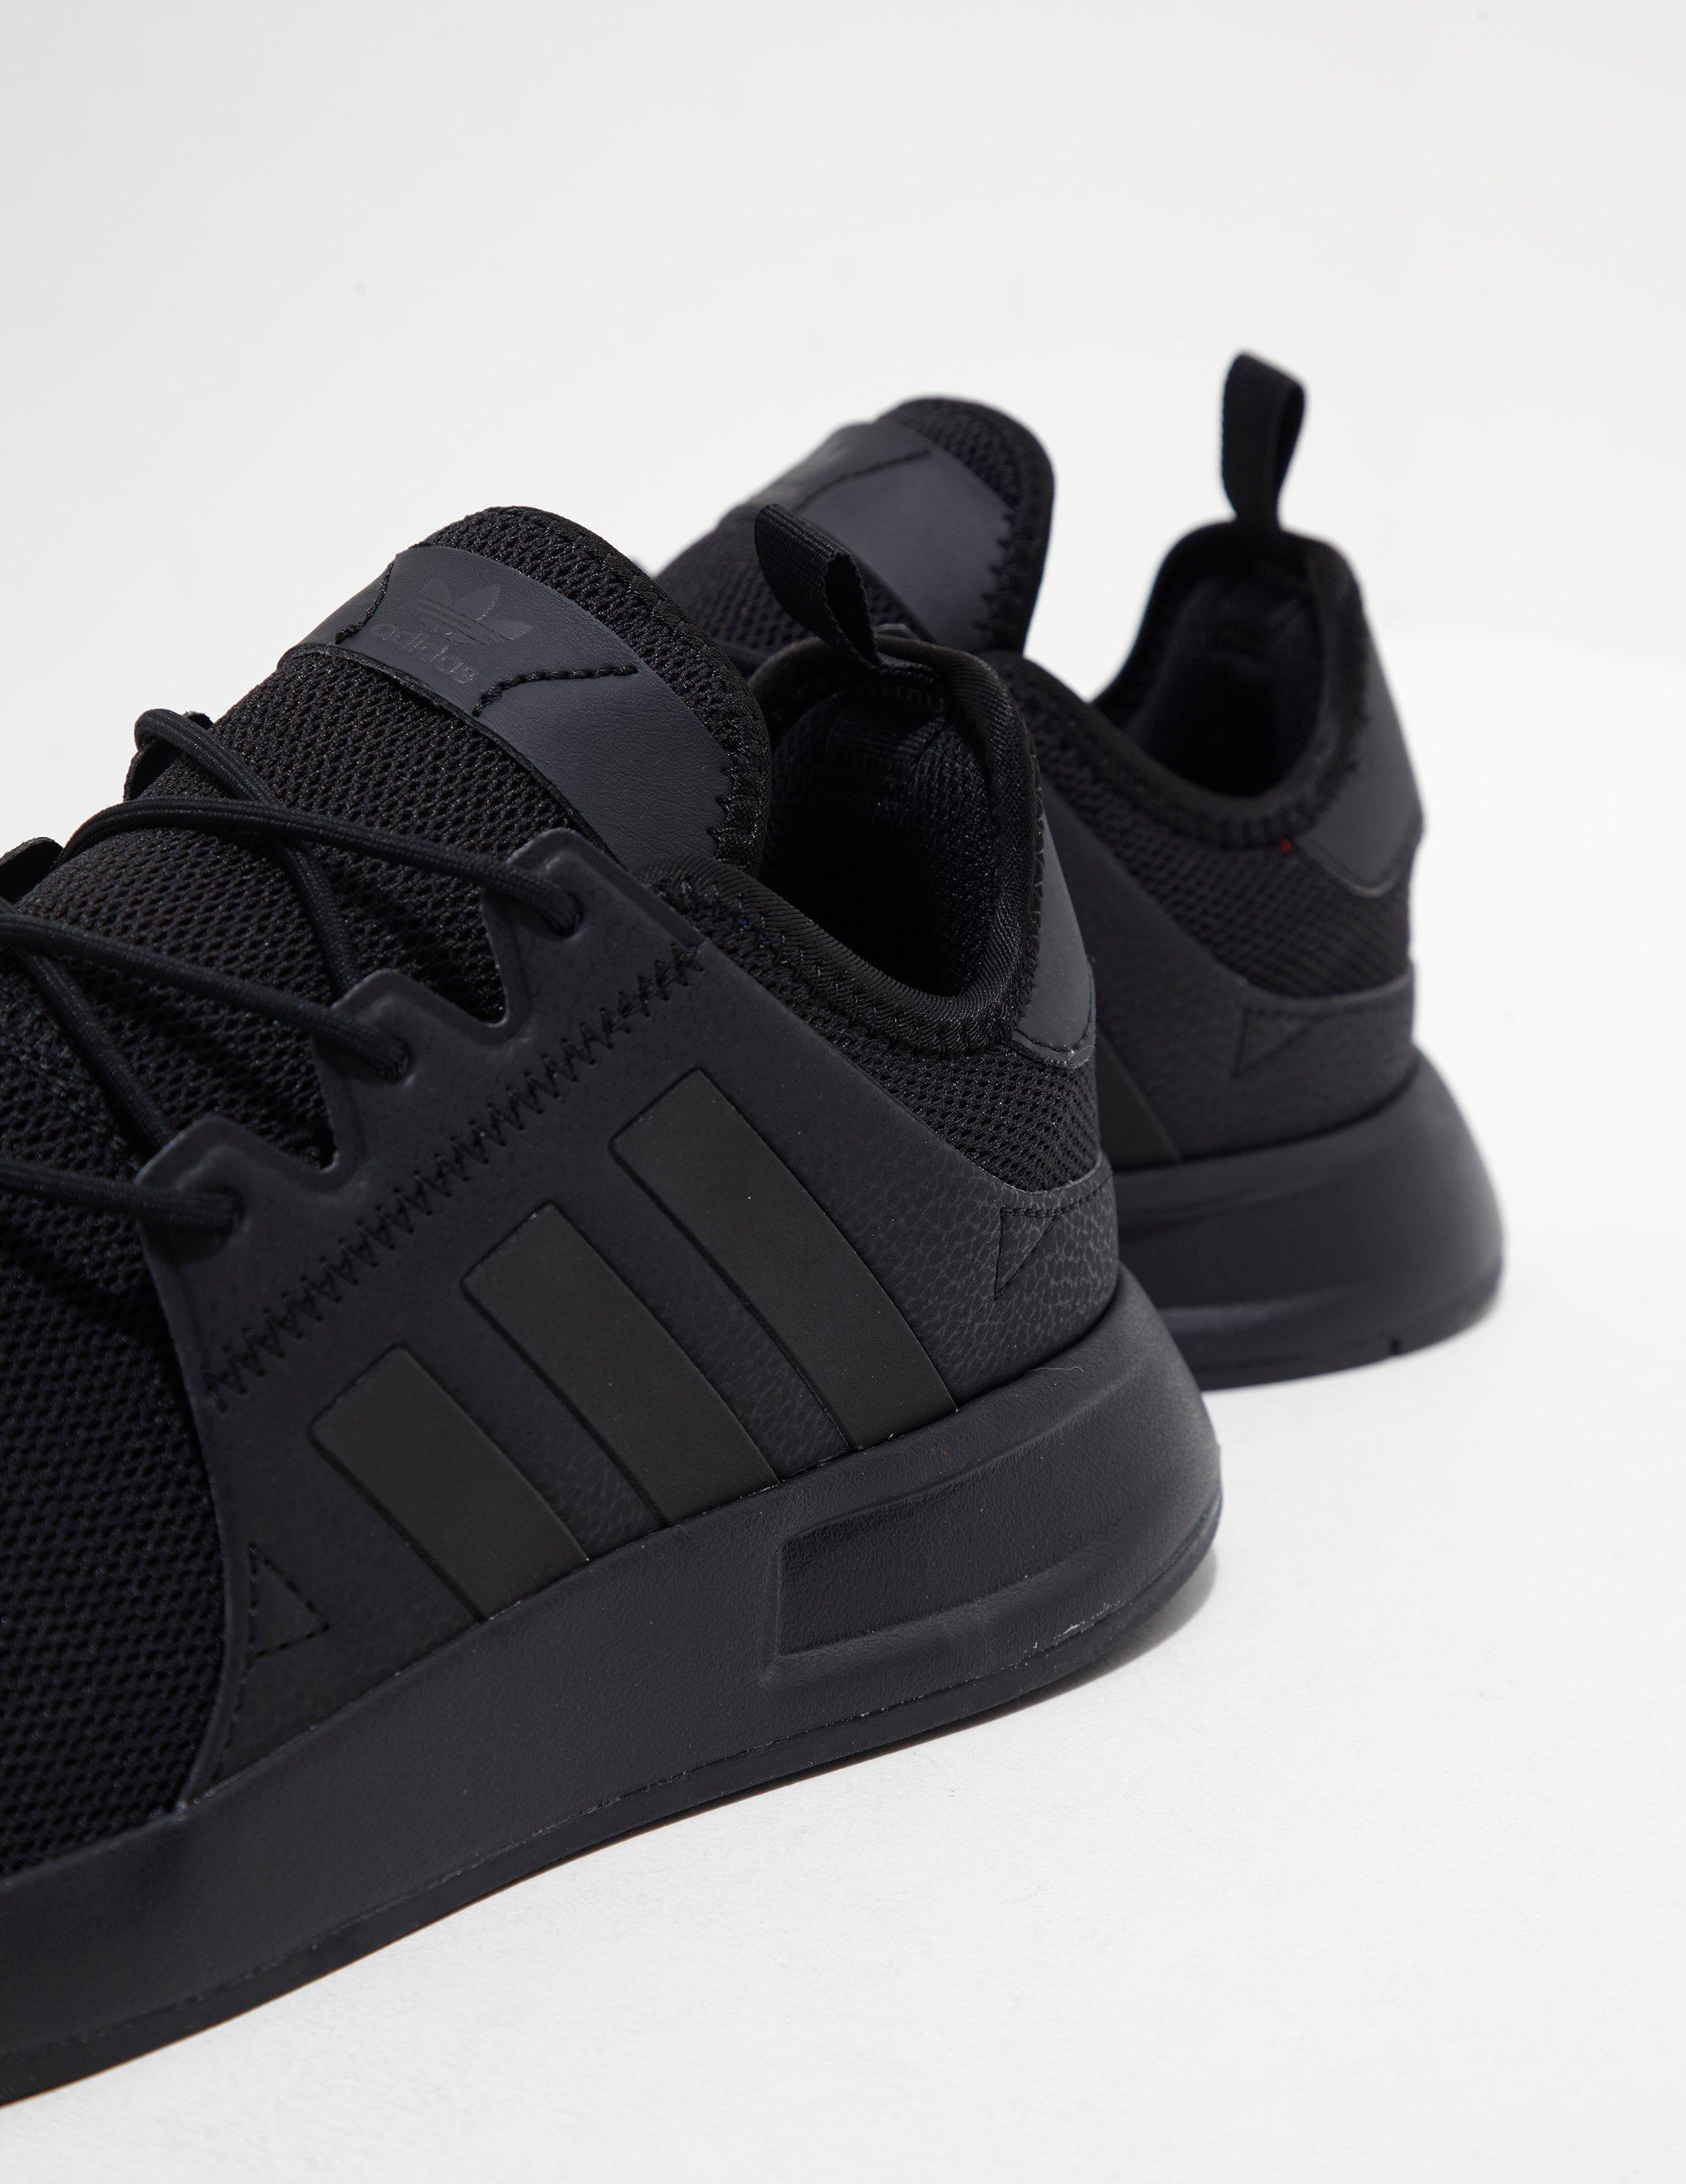 adidas originali mens xplr nero / black in nero per gli uomini lyst